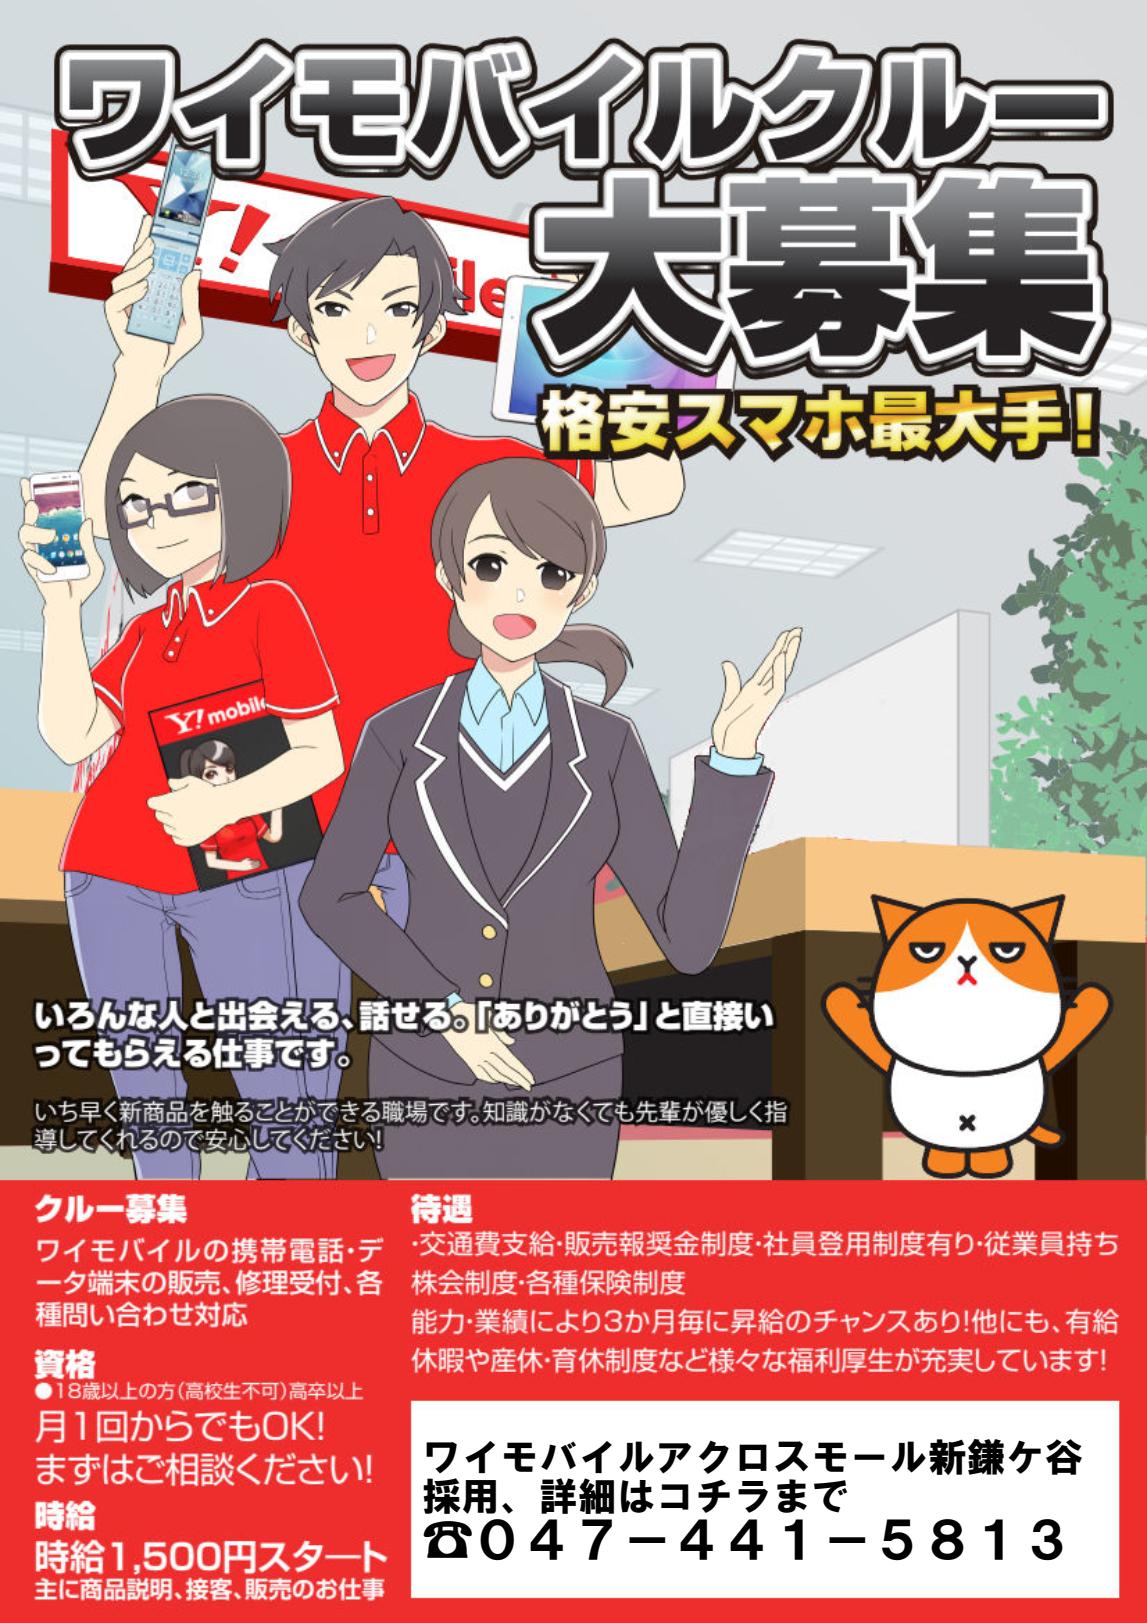 Y!mobile アクロスモール新鎌ヶ谷店